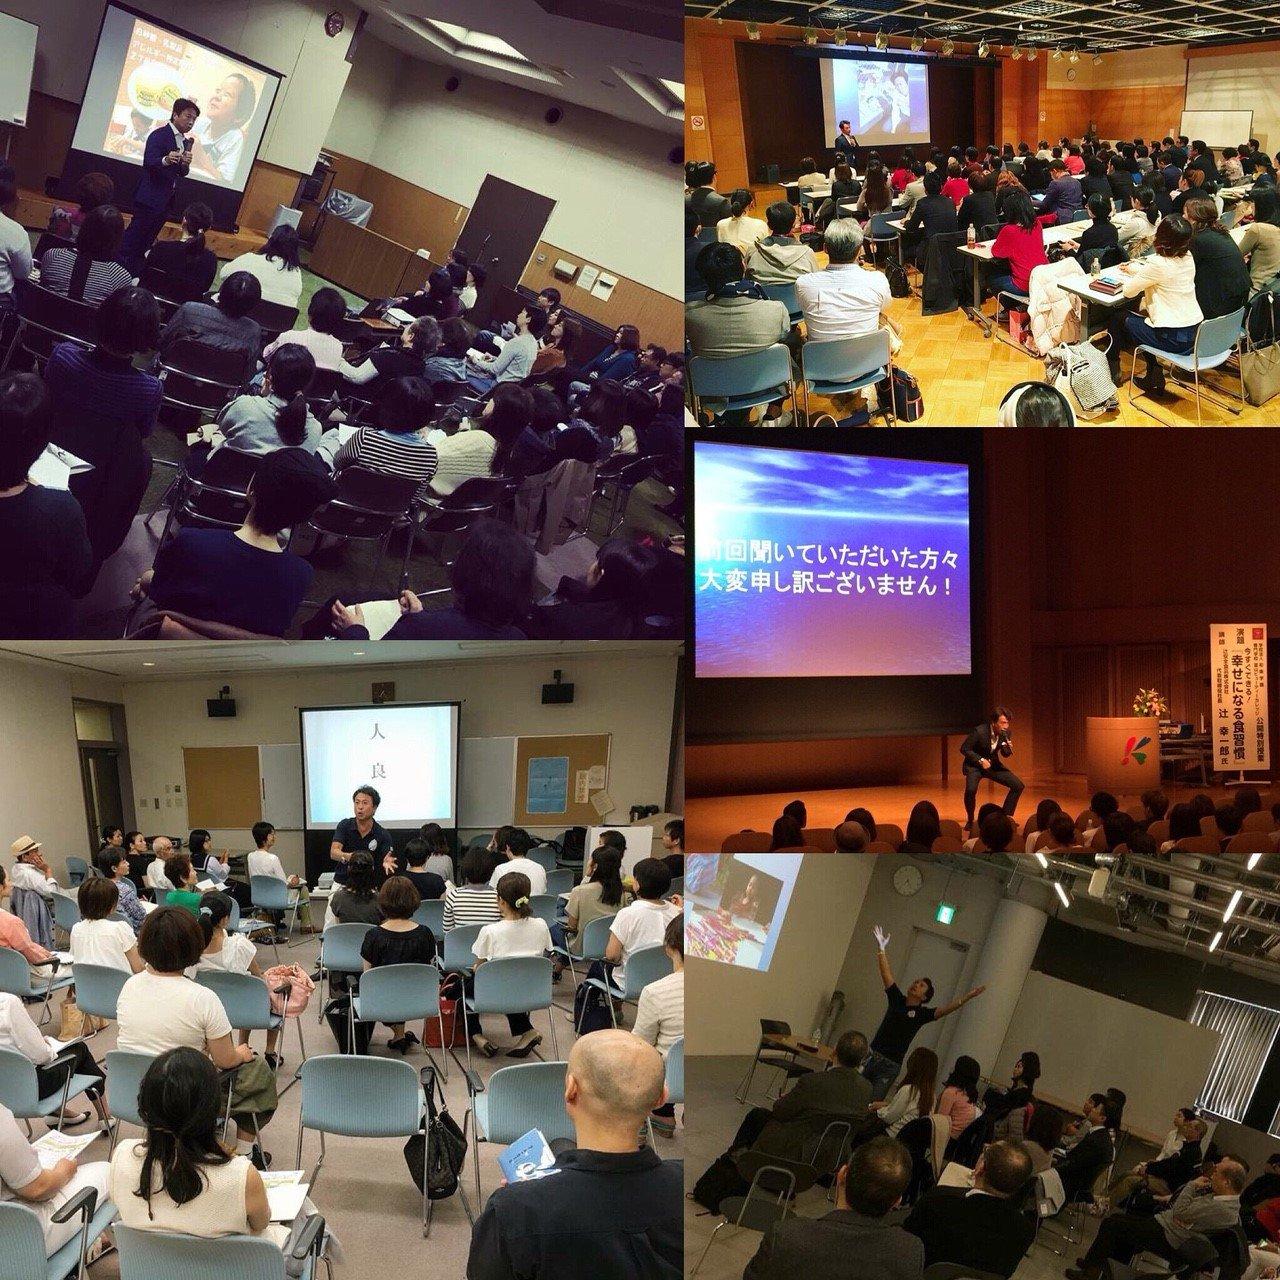 辻安全食品代表|辻幸一郎講演会|医療機関・教育機関・お取引様ご依頼用ウェブチケットのイメージその3